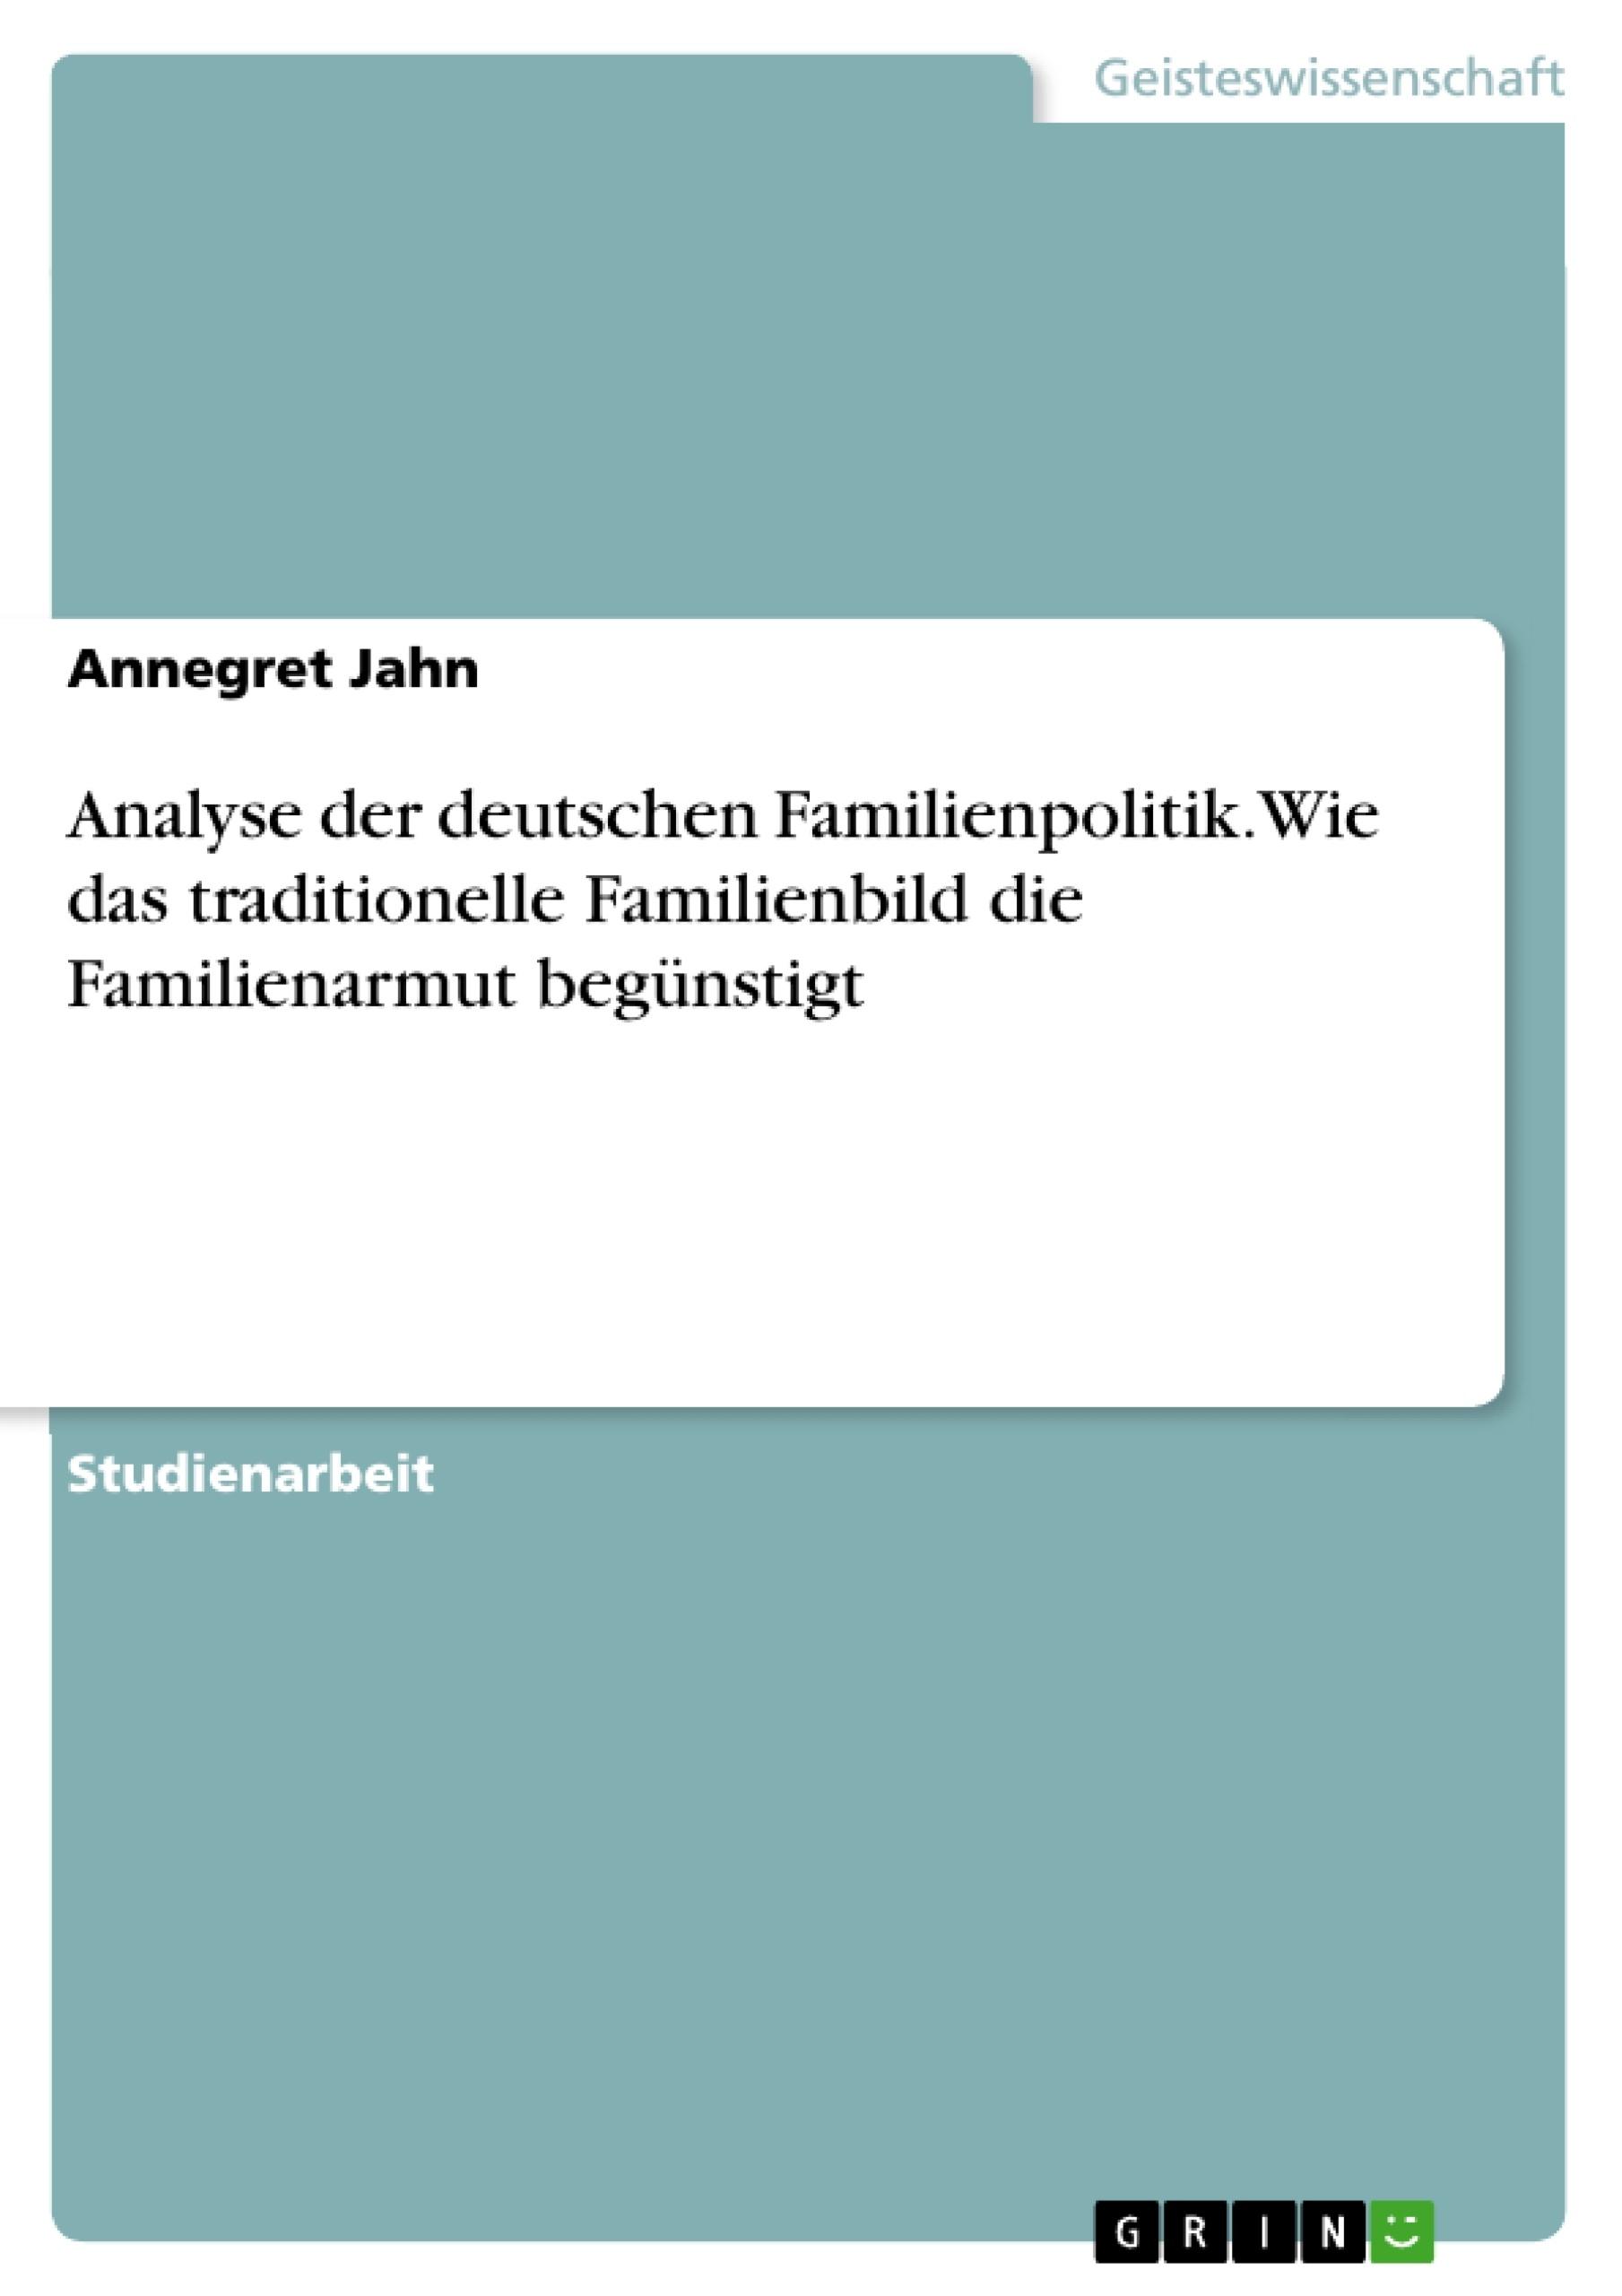 Titel: Analyse der deutschen Familienpolitik. Wie das traditionelle Familienbild die Familienarmut begünstigt